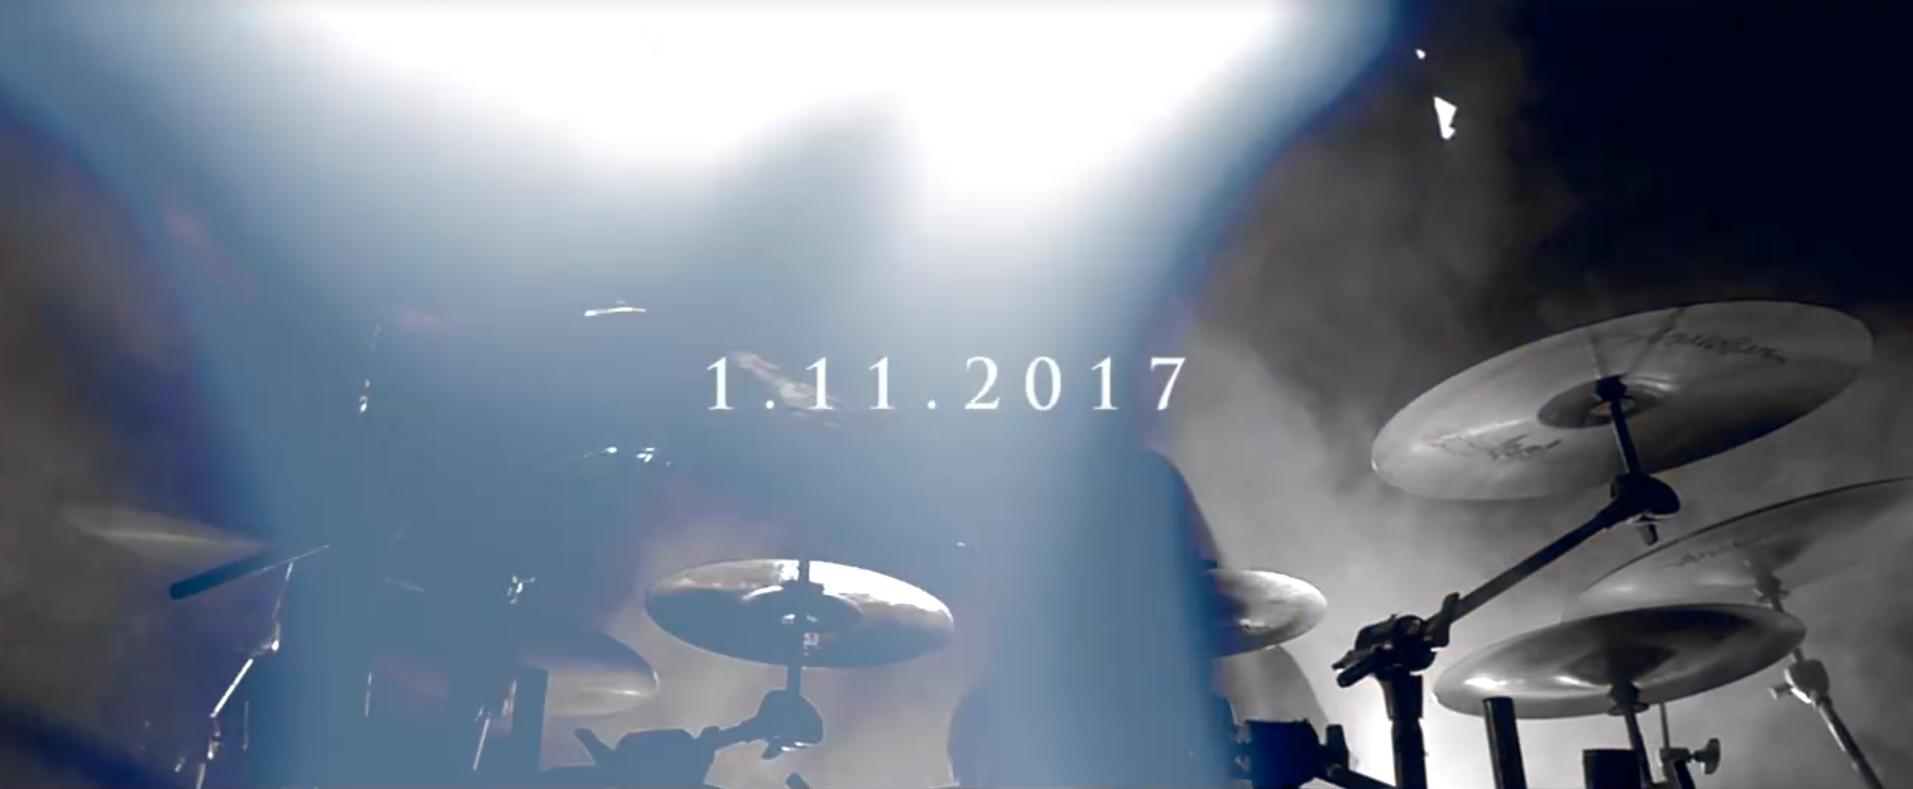 Awrizis vás lákají na nový videoklip a single Teaserem!